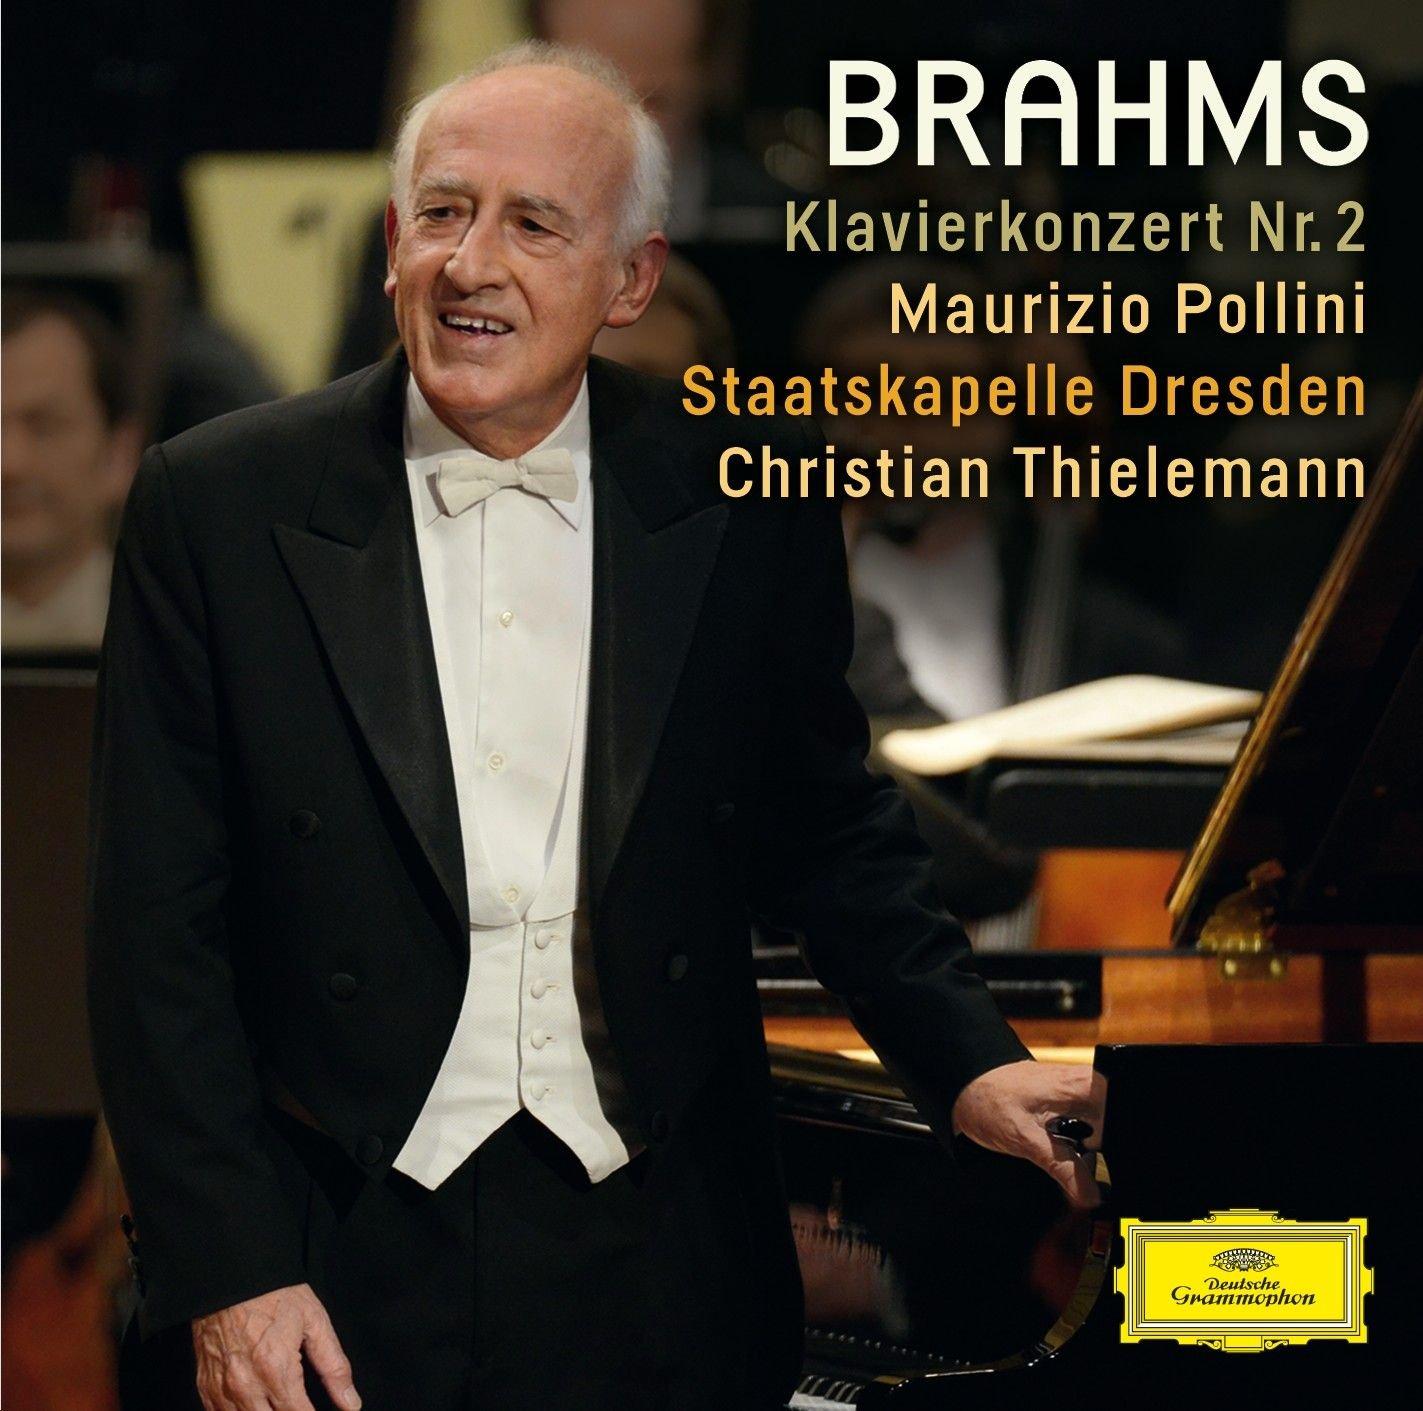 Les concertos pour Piano de Brahms - Page 7 71yABBxf-AL._SL1423_